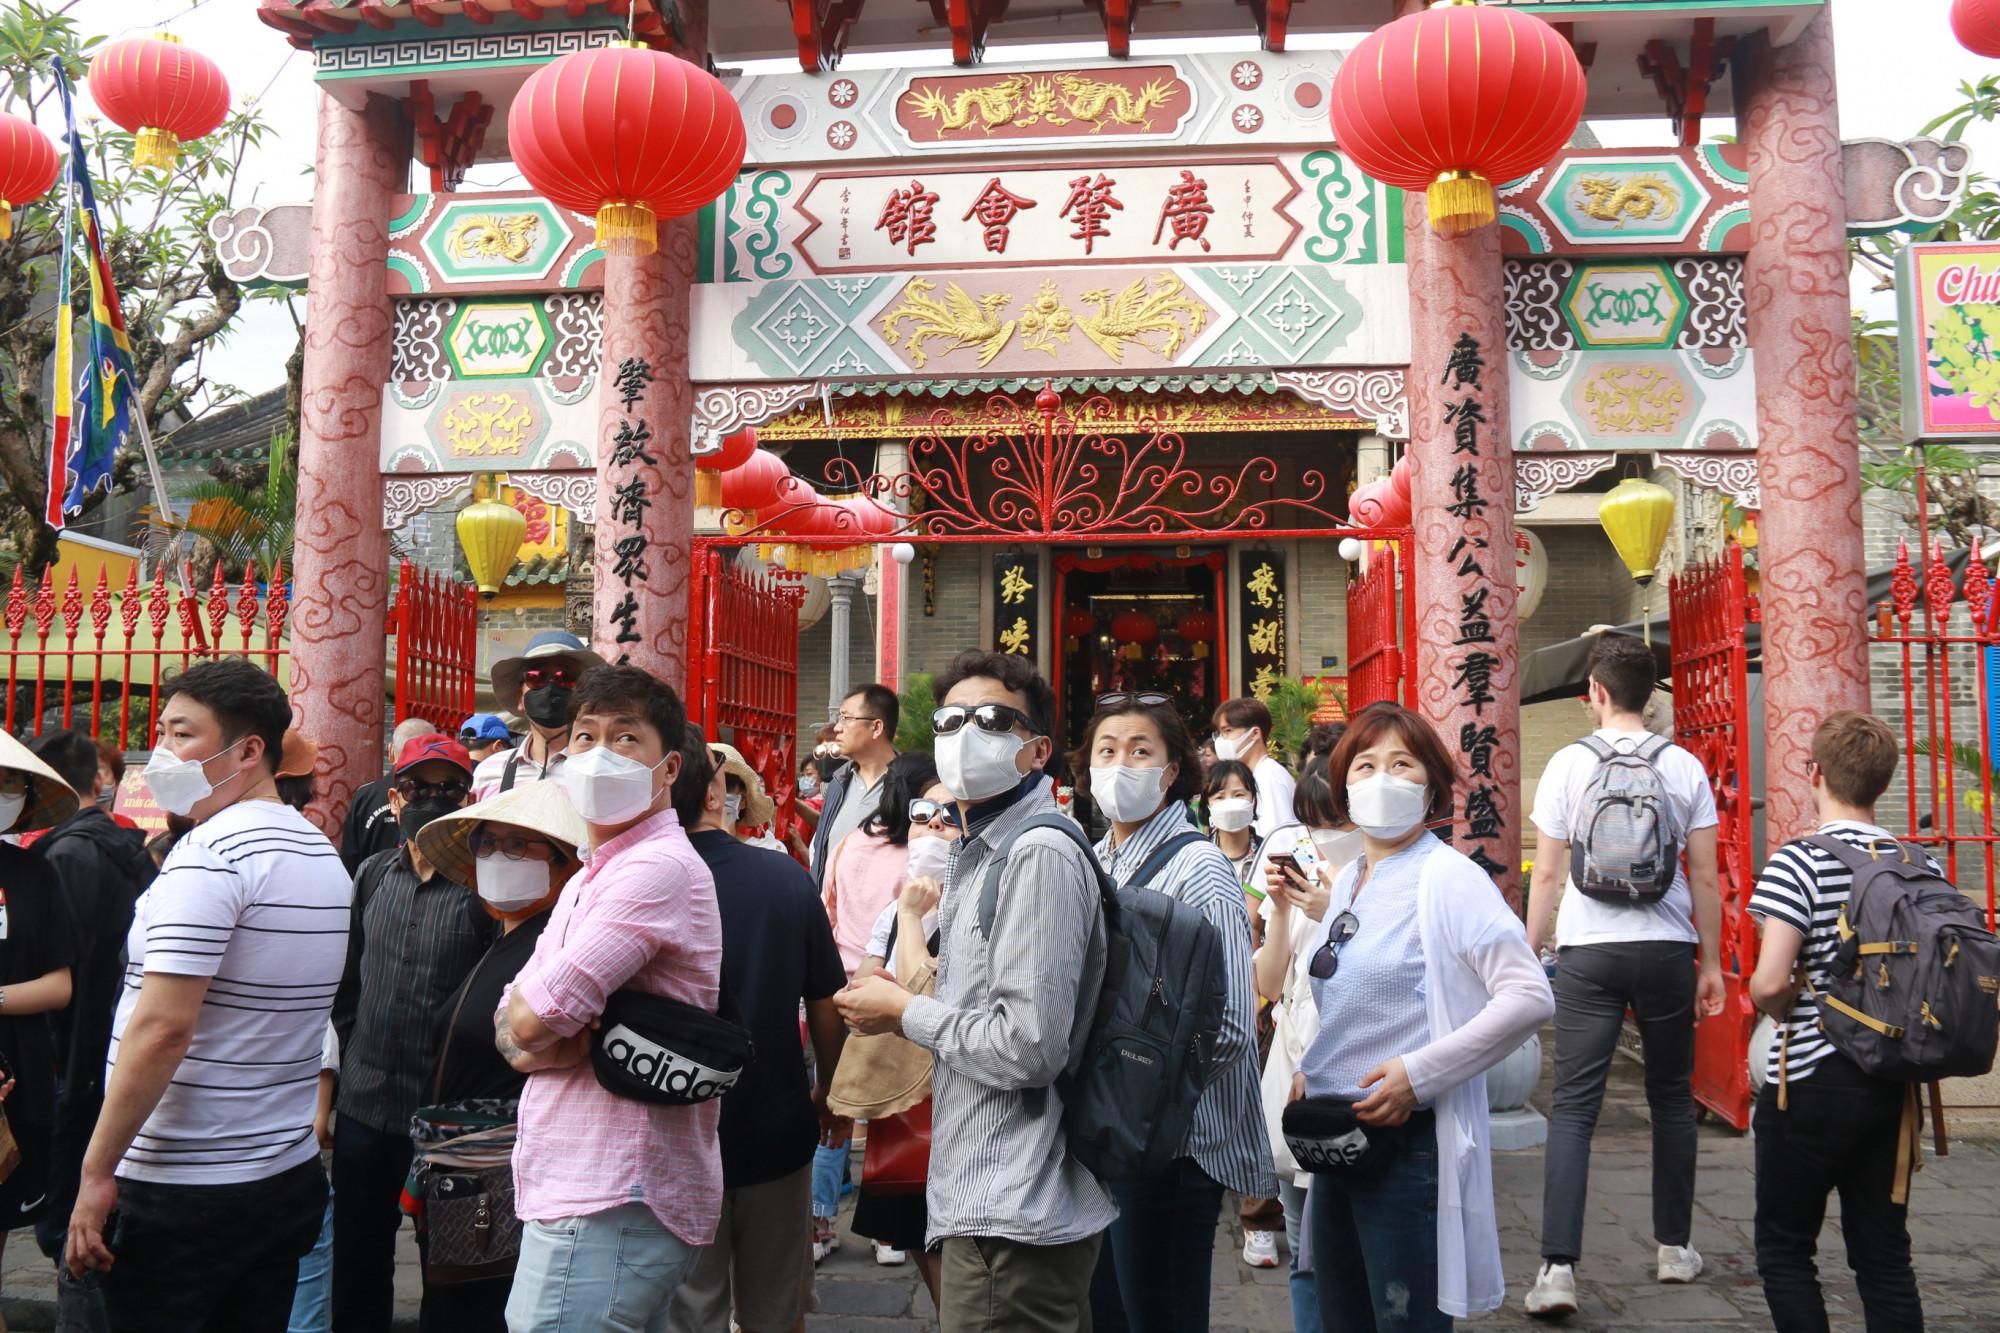 Khách du lịch tham quan trước một hội quán của người Trung Quốc ở Hội An